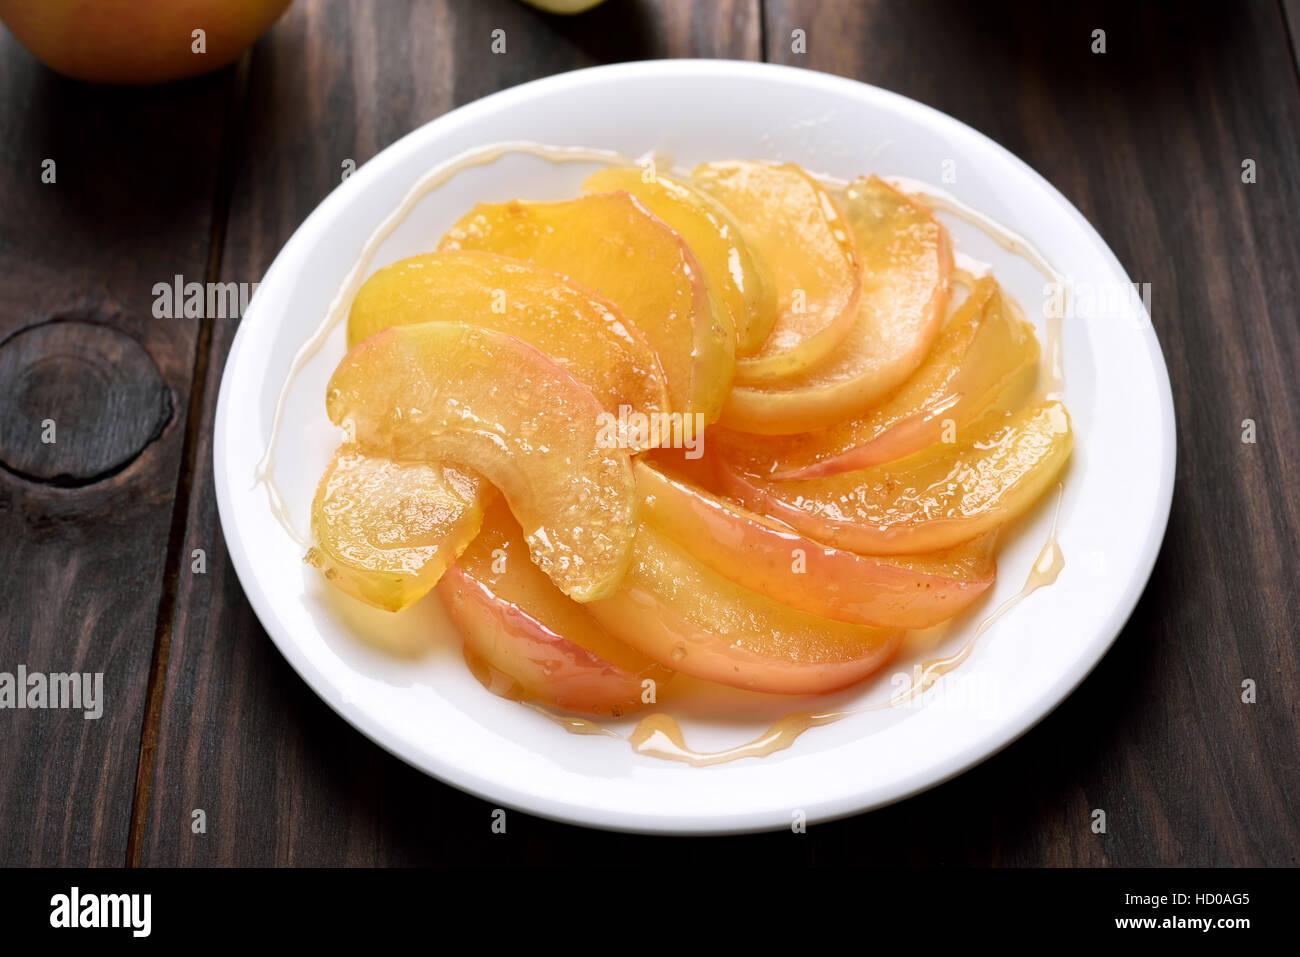 Karamellisierten Apfelscheiben auf Platte Stockbild